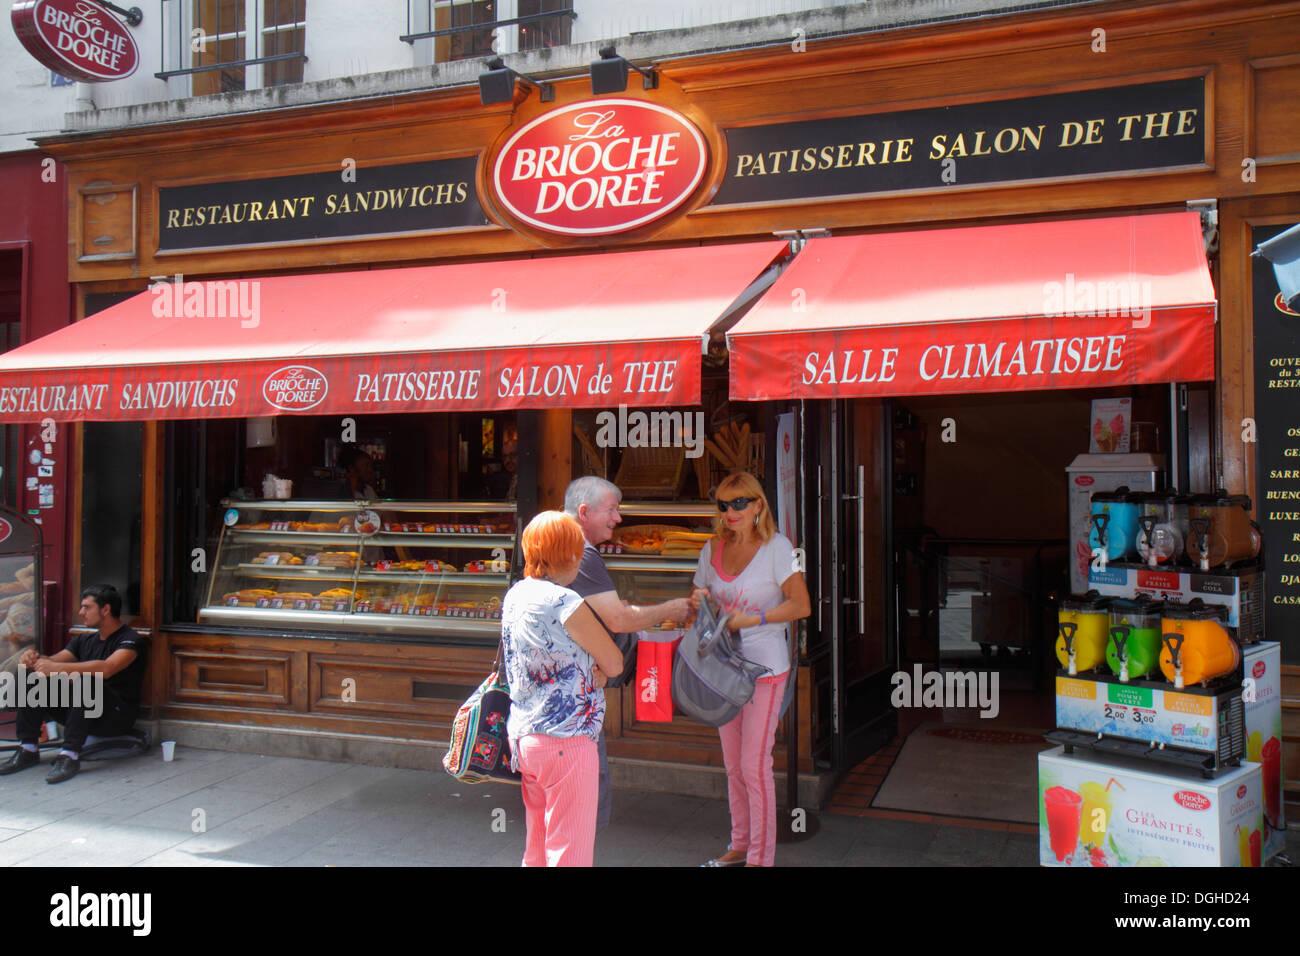 Paris France Europe French 9th arrondissement Rue de Caumartin La Brioche Dorée patisserie restaurant sandwich shop bakery pastr - Stock Image